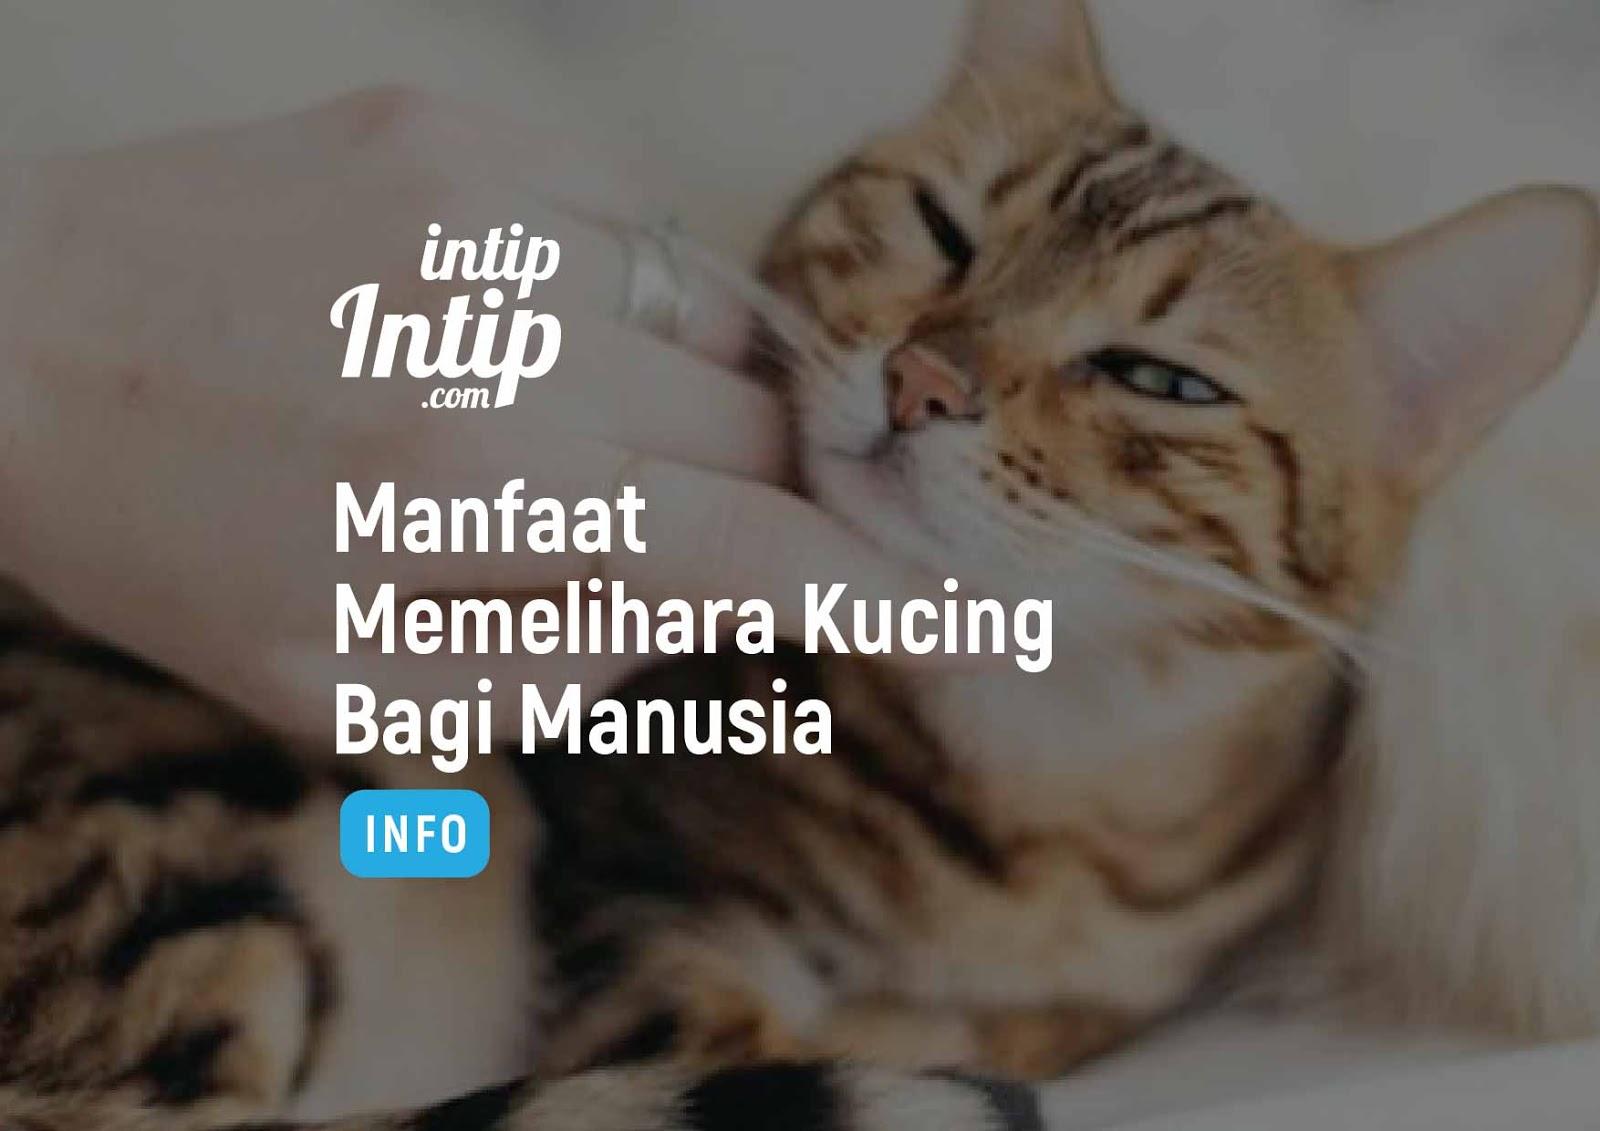 Manfaat Memelihara Kucing Bagi Manusia